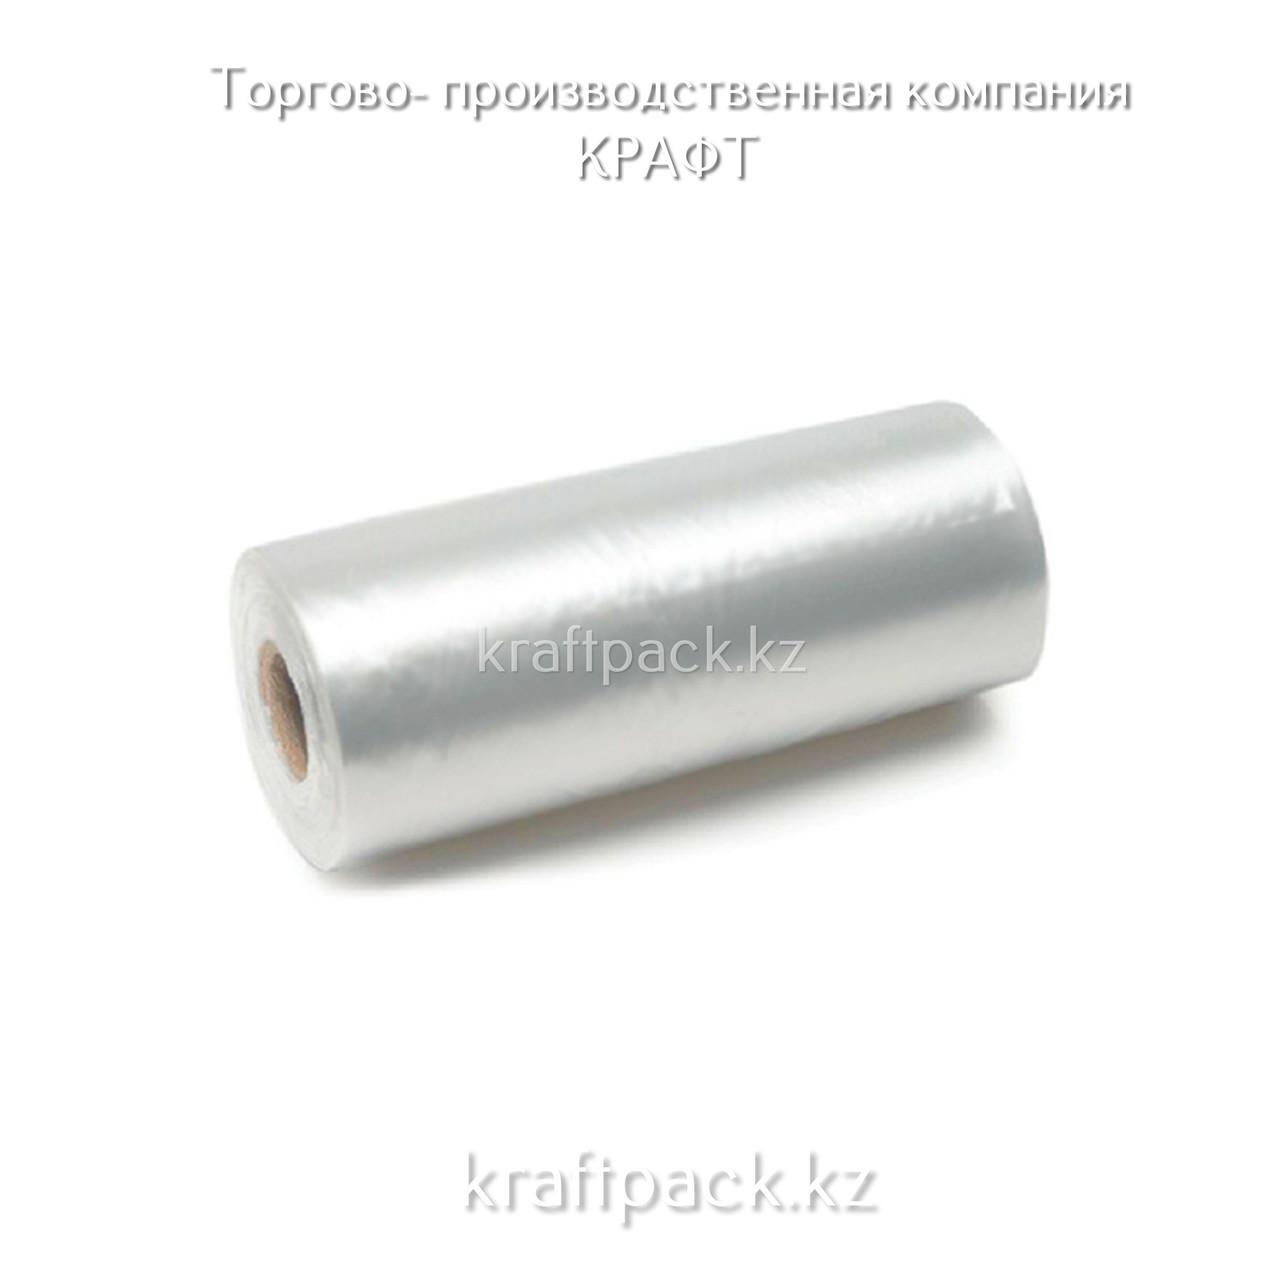 Пакет фасовочный ПНД 24*37 рулон на втулке 10 мкм (500 шт)